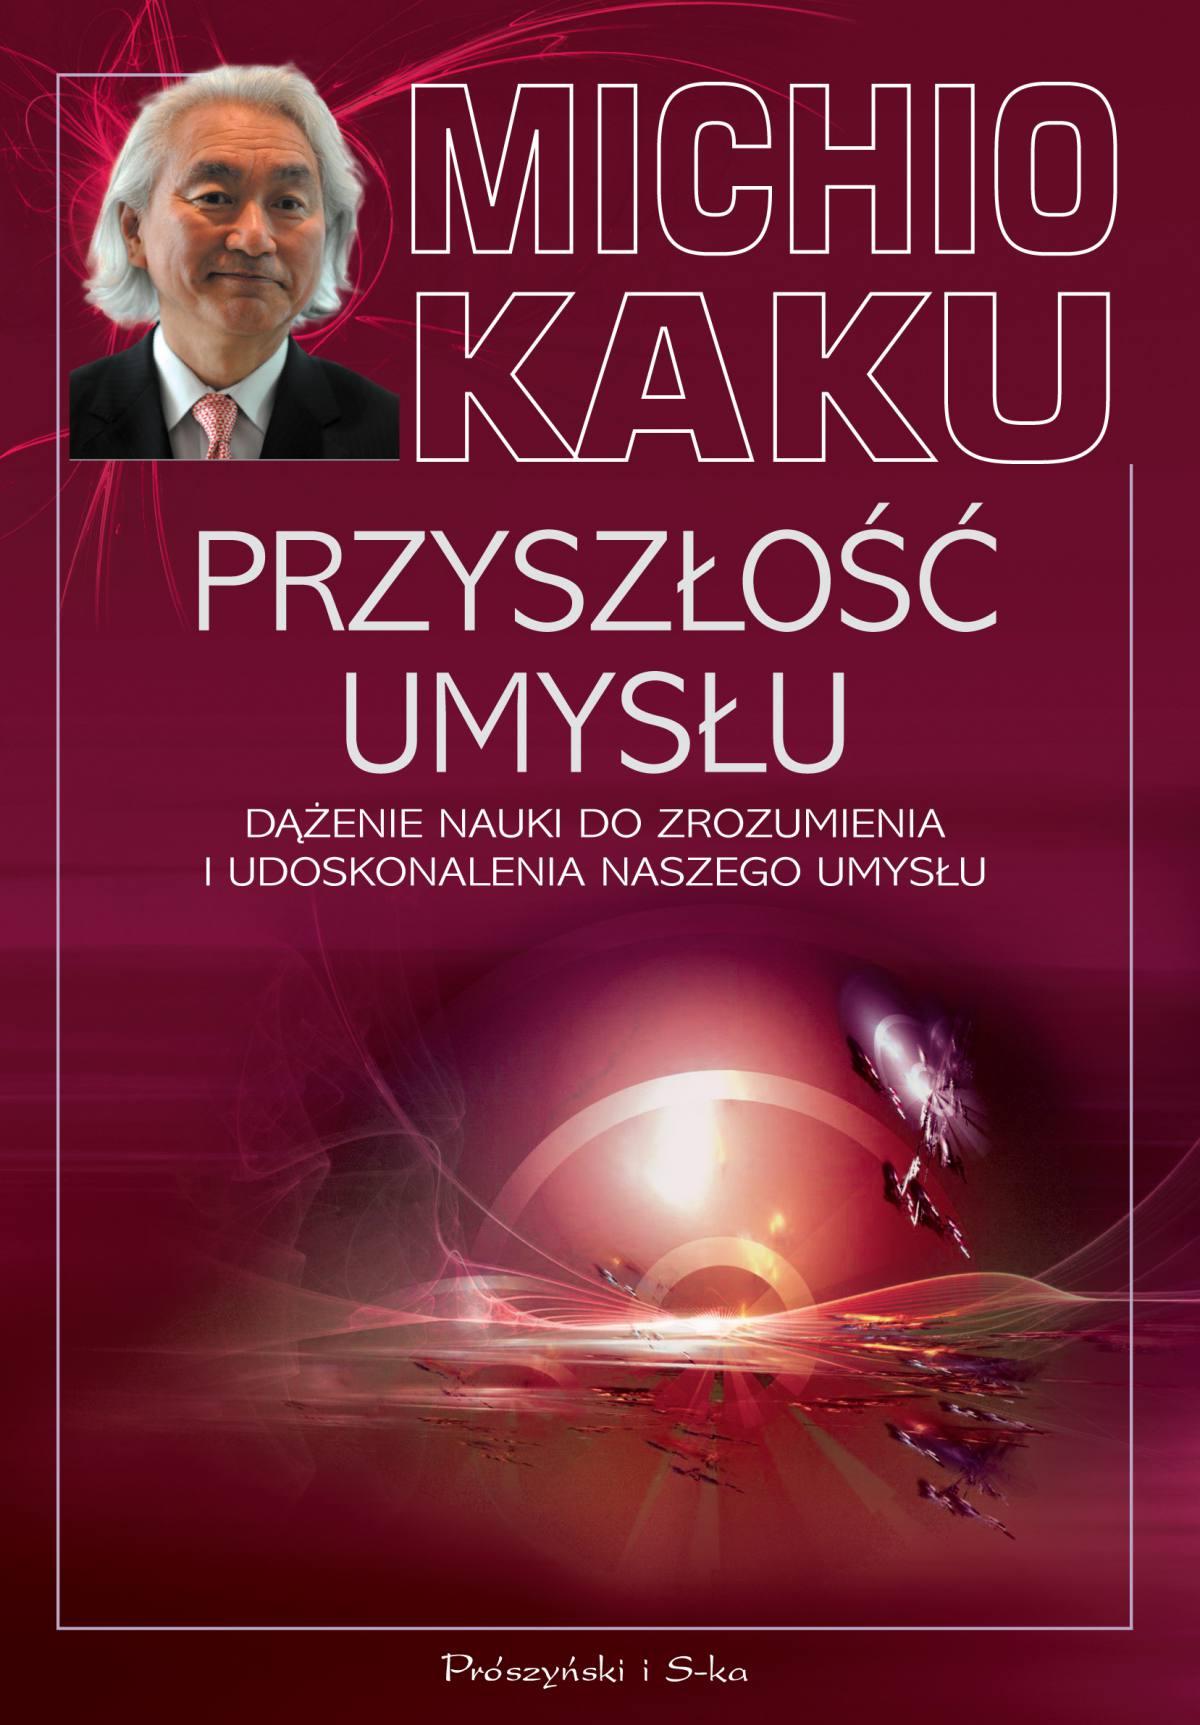 Przyszłość umysłu. Dążenie nauki do zrozumienia i udoskonalenia naszego umysłu - Ebook (Książka na Kindle) do pobrania w formacie MOBI